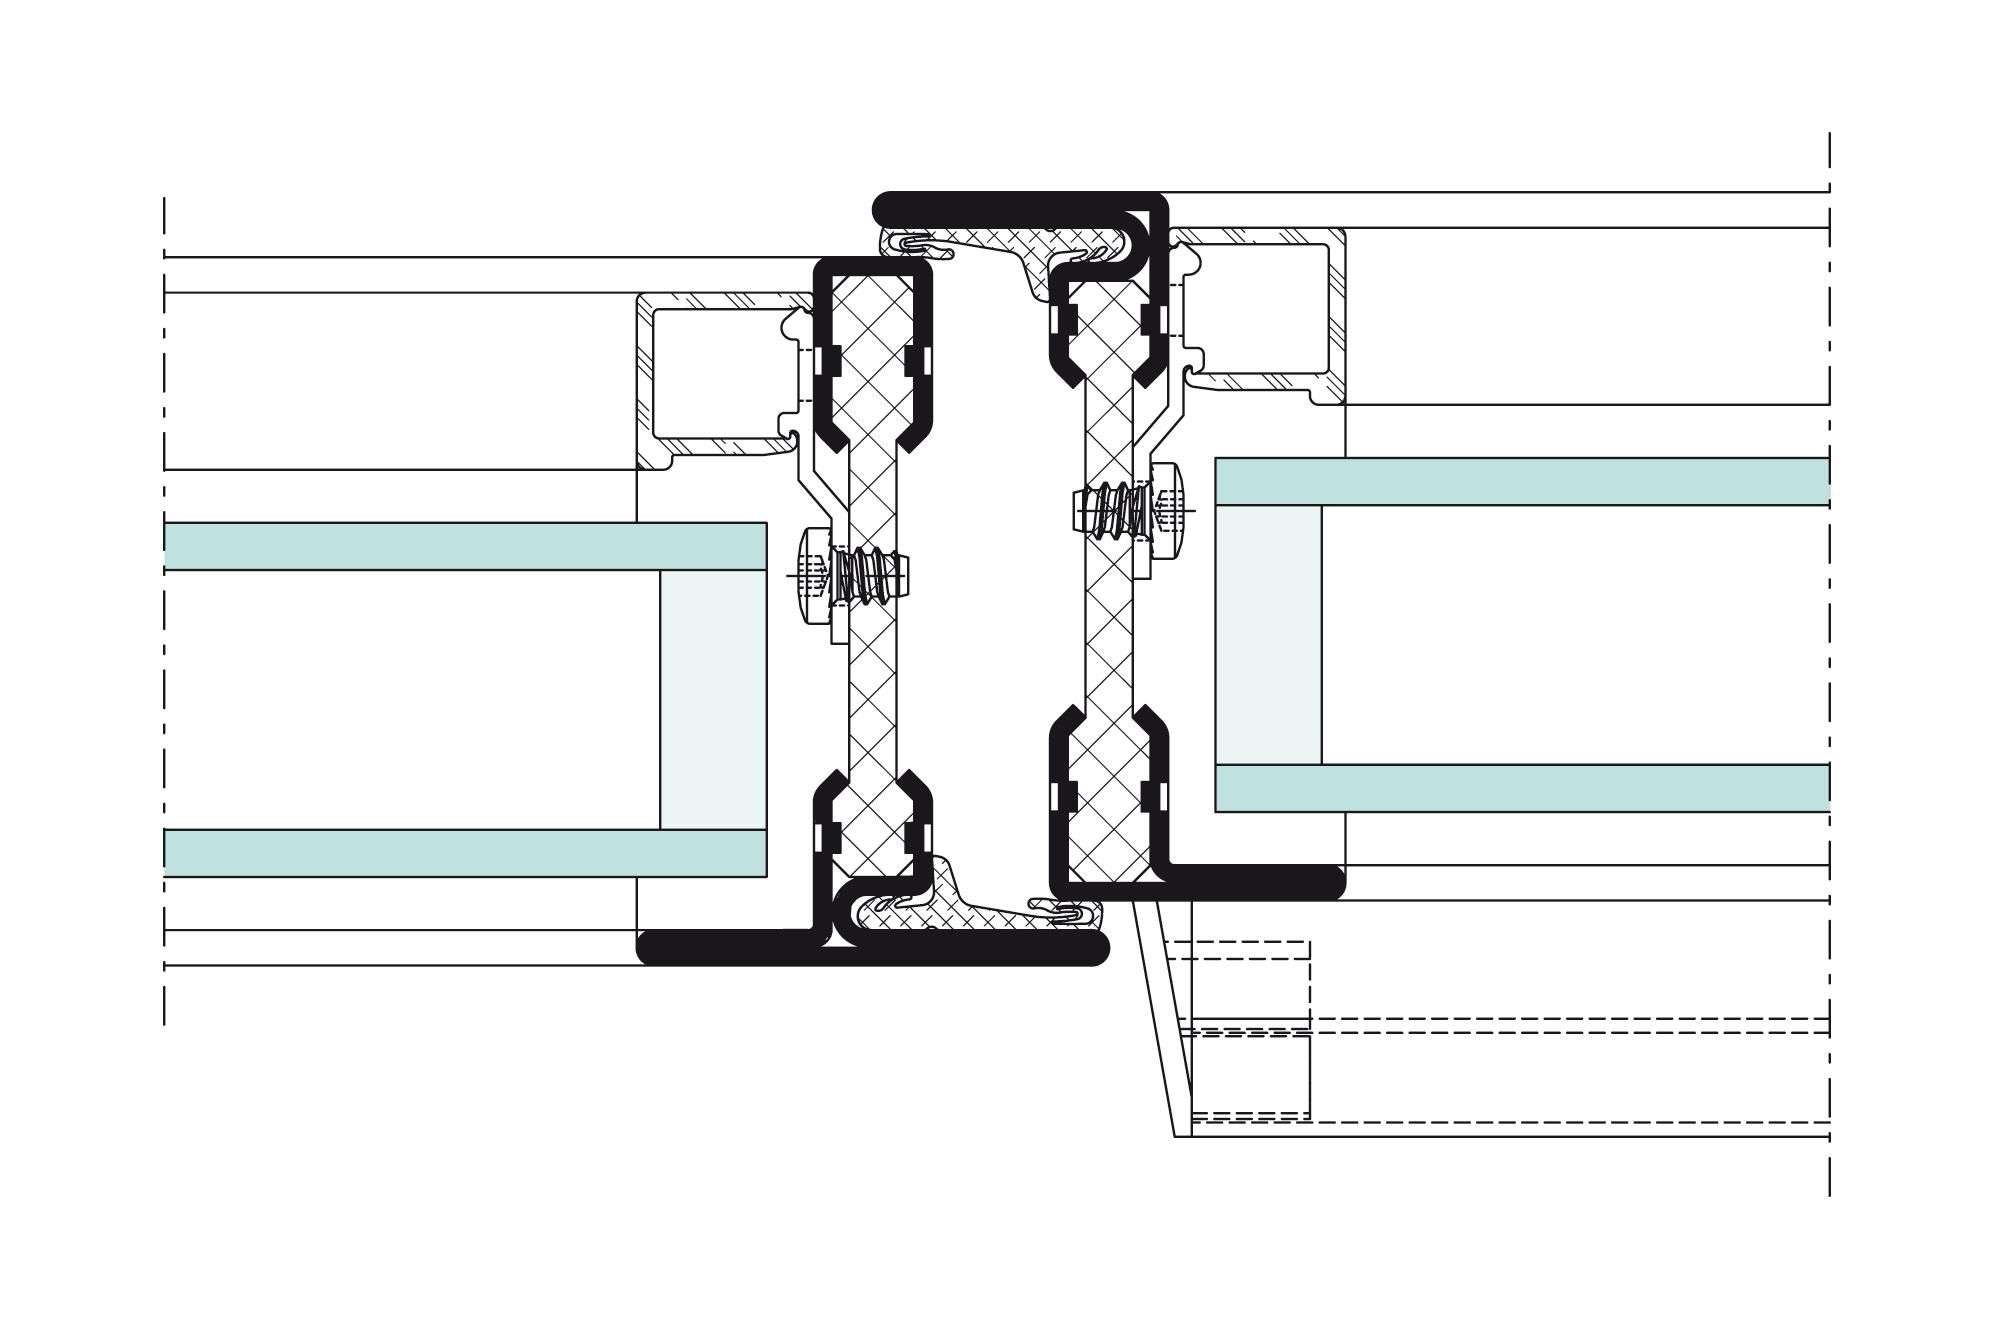 Janisol Arte 20 Schmale Fenster Hohe Wärmedämmung Für Sanierung